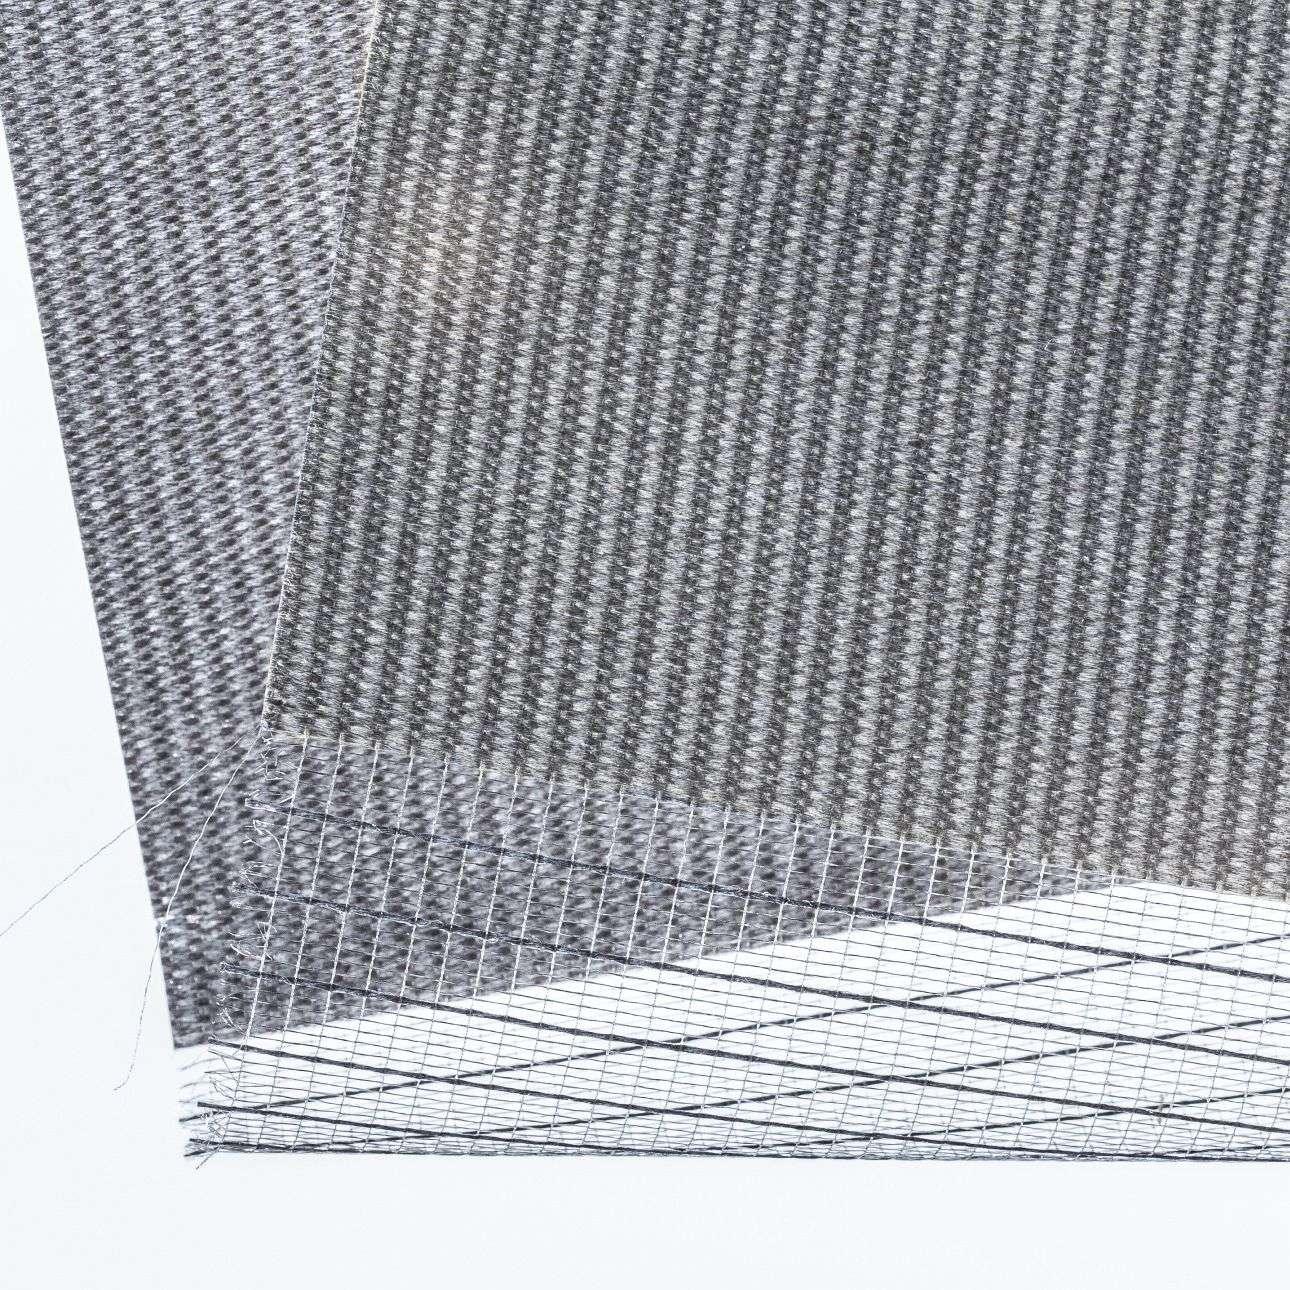 Mini roleta navíjecí DEN / NOC s vodící strunou 38x150cm v kolekci Rolety navíjecí DEN / NOC , látka: 1220